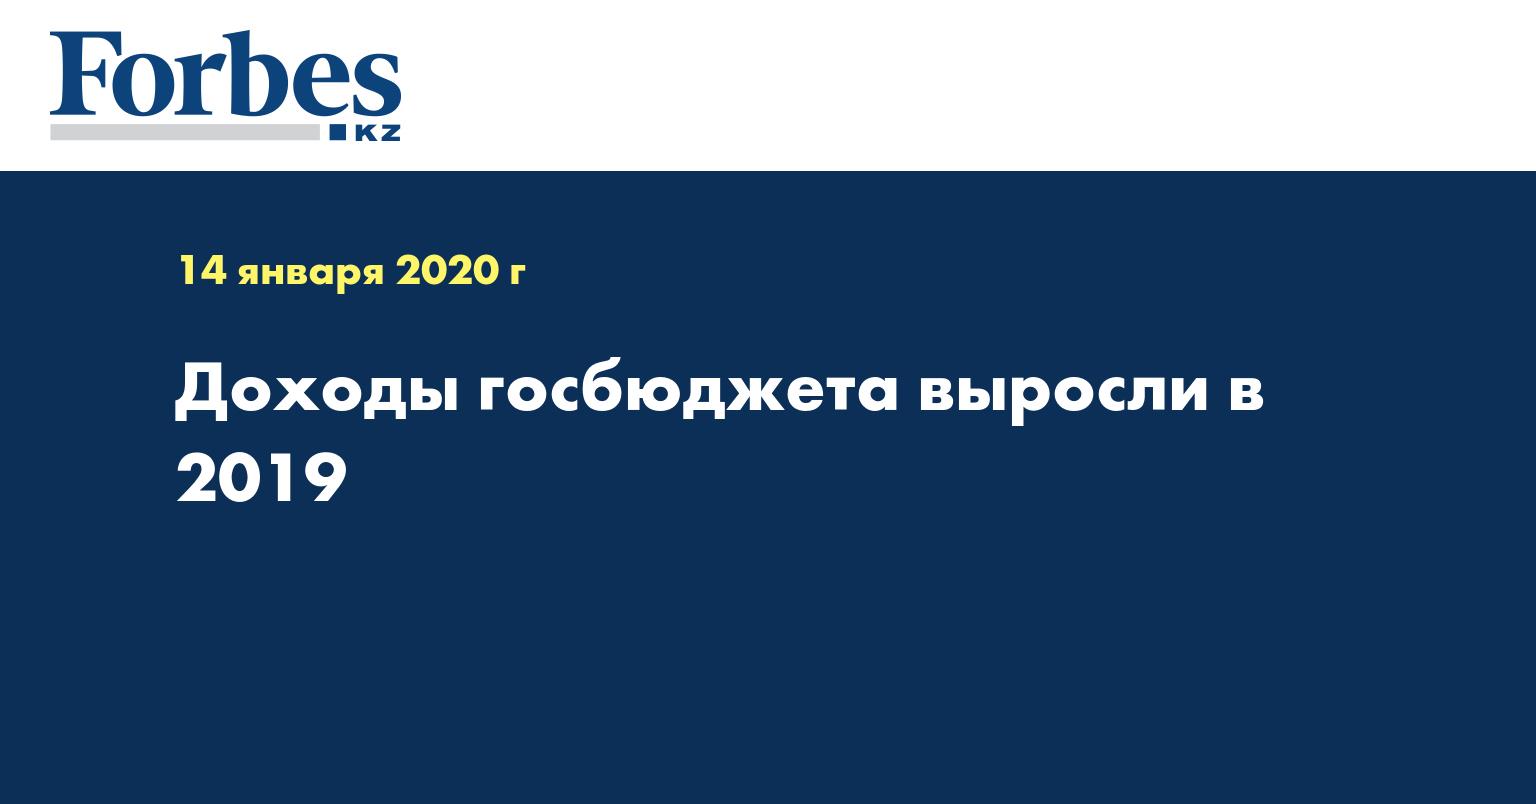 Доходы госбюджета выросли в 2019